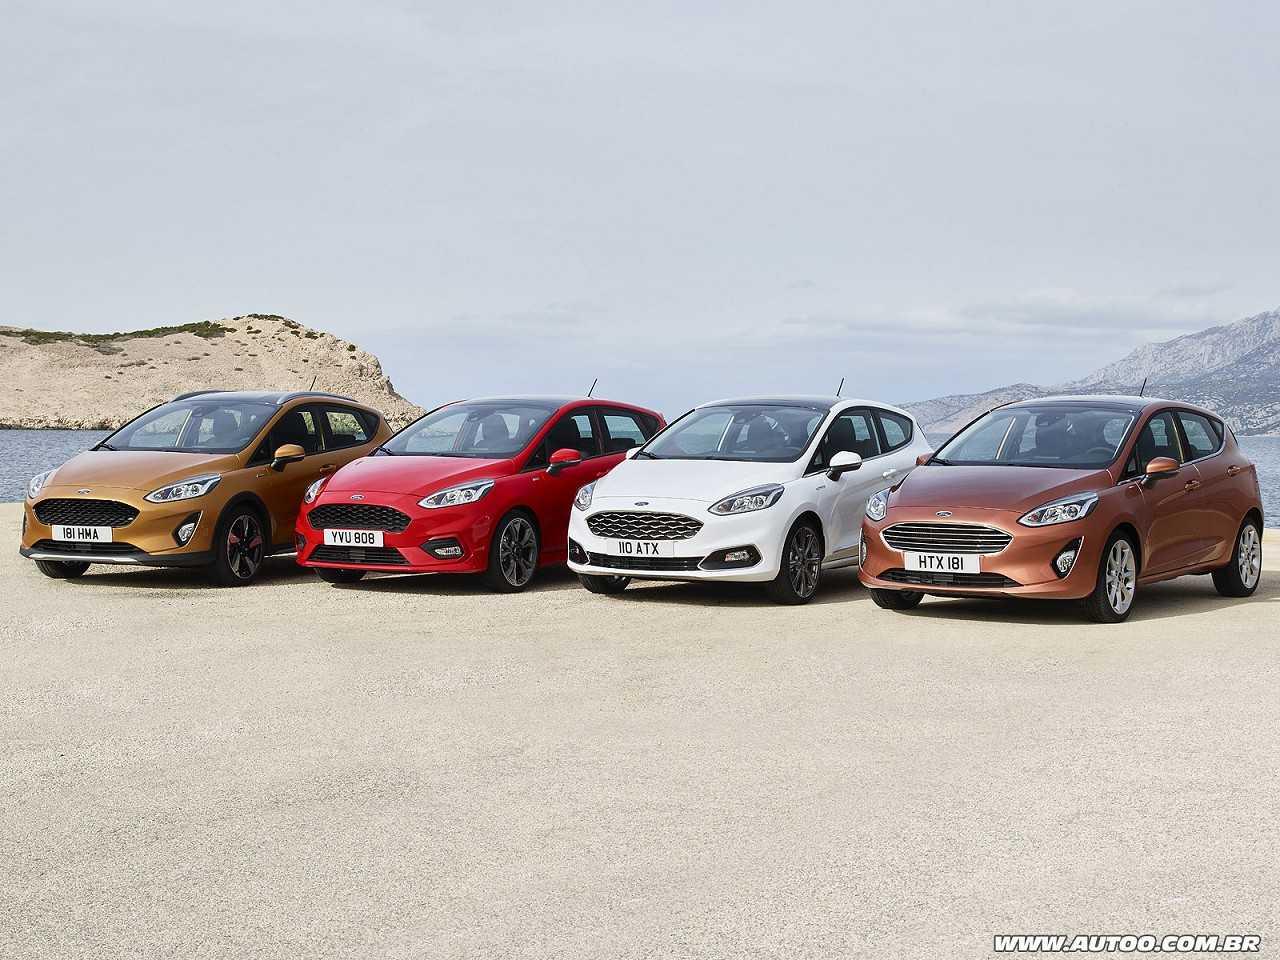 Oitava geração do Ford Fiesta revelada em quatro versões